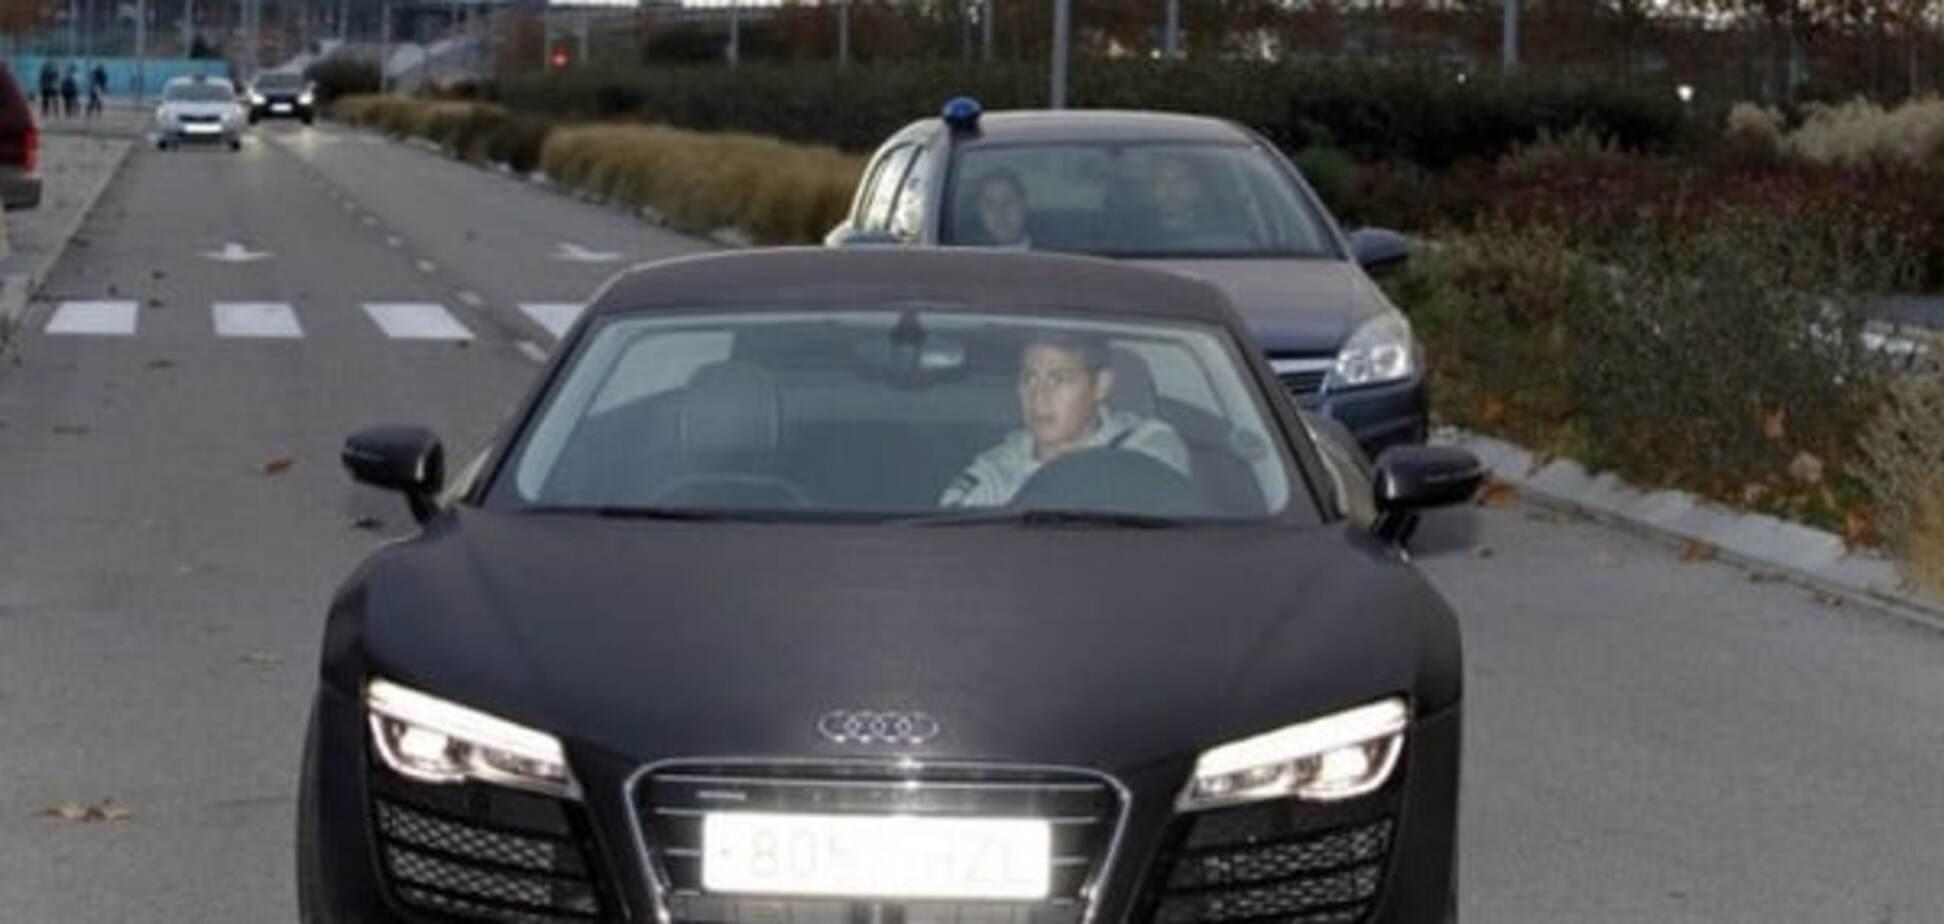 Знаменитый футболист 'Реала' попал в неприятную историю с полицией